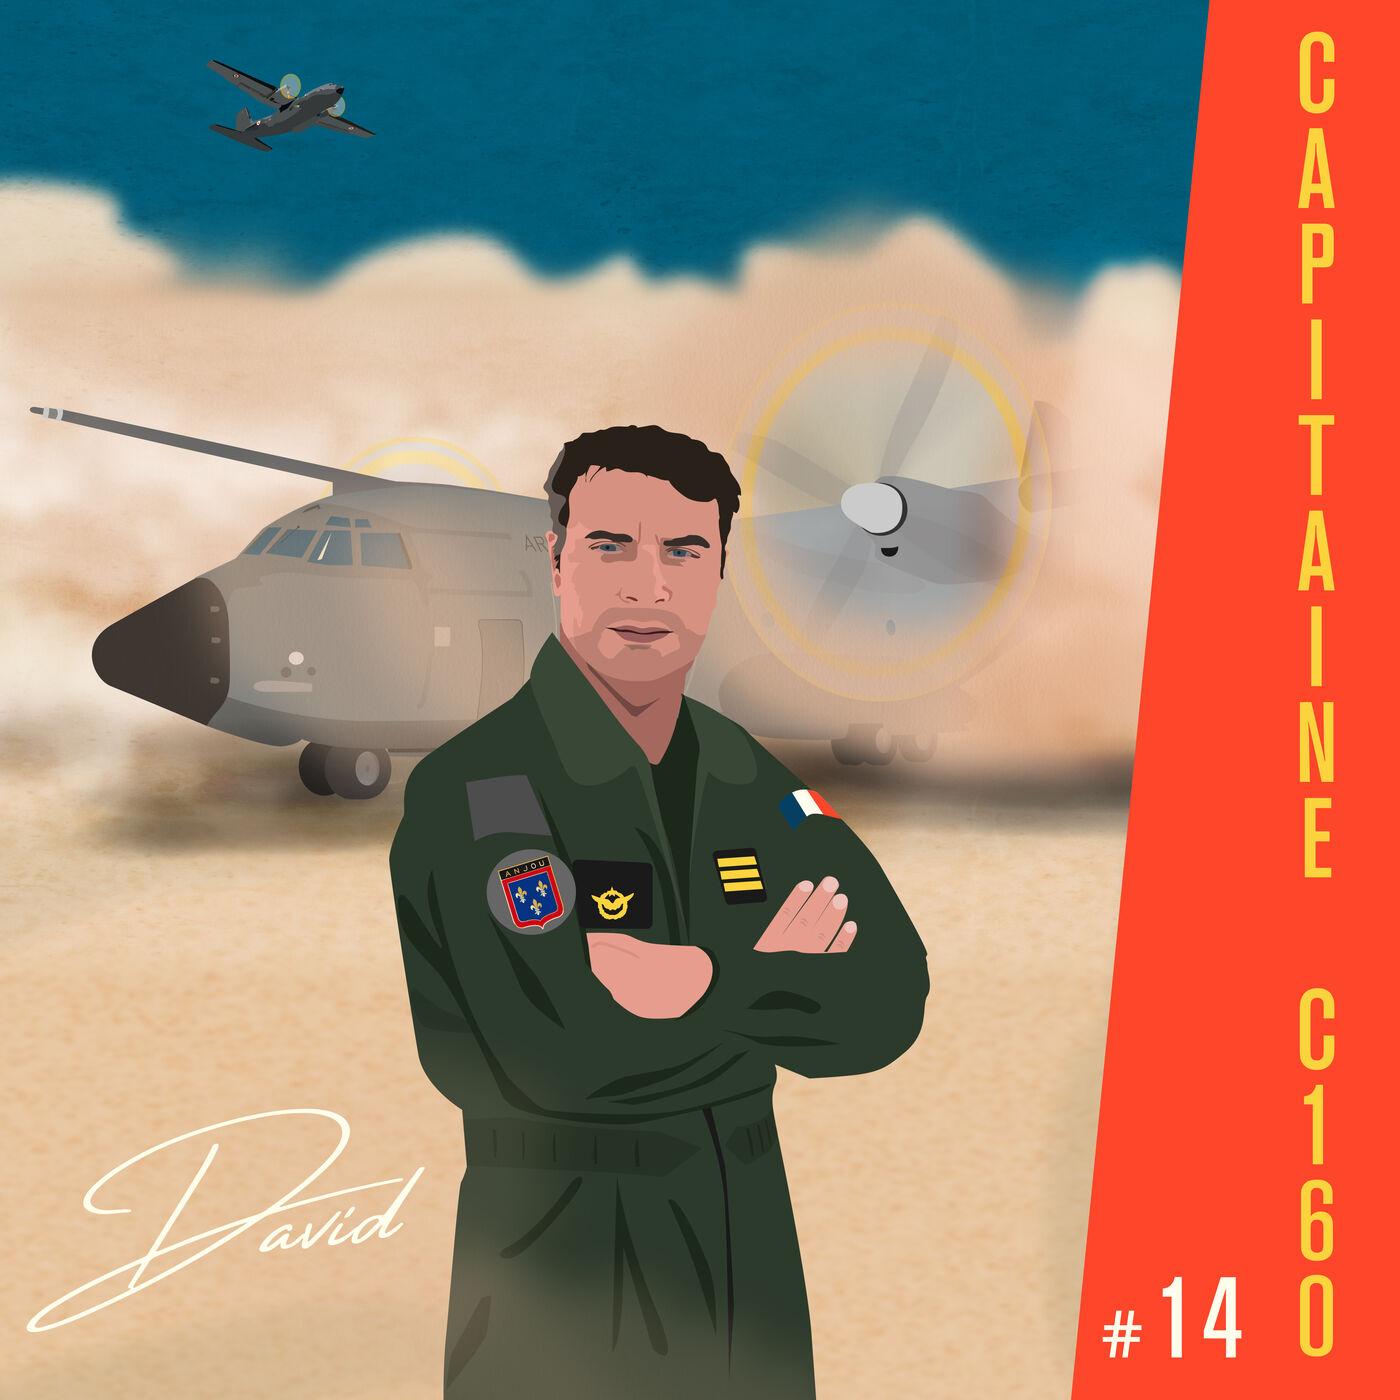 David, transporteur dans l'Armée de l'Air